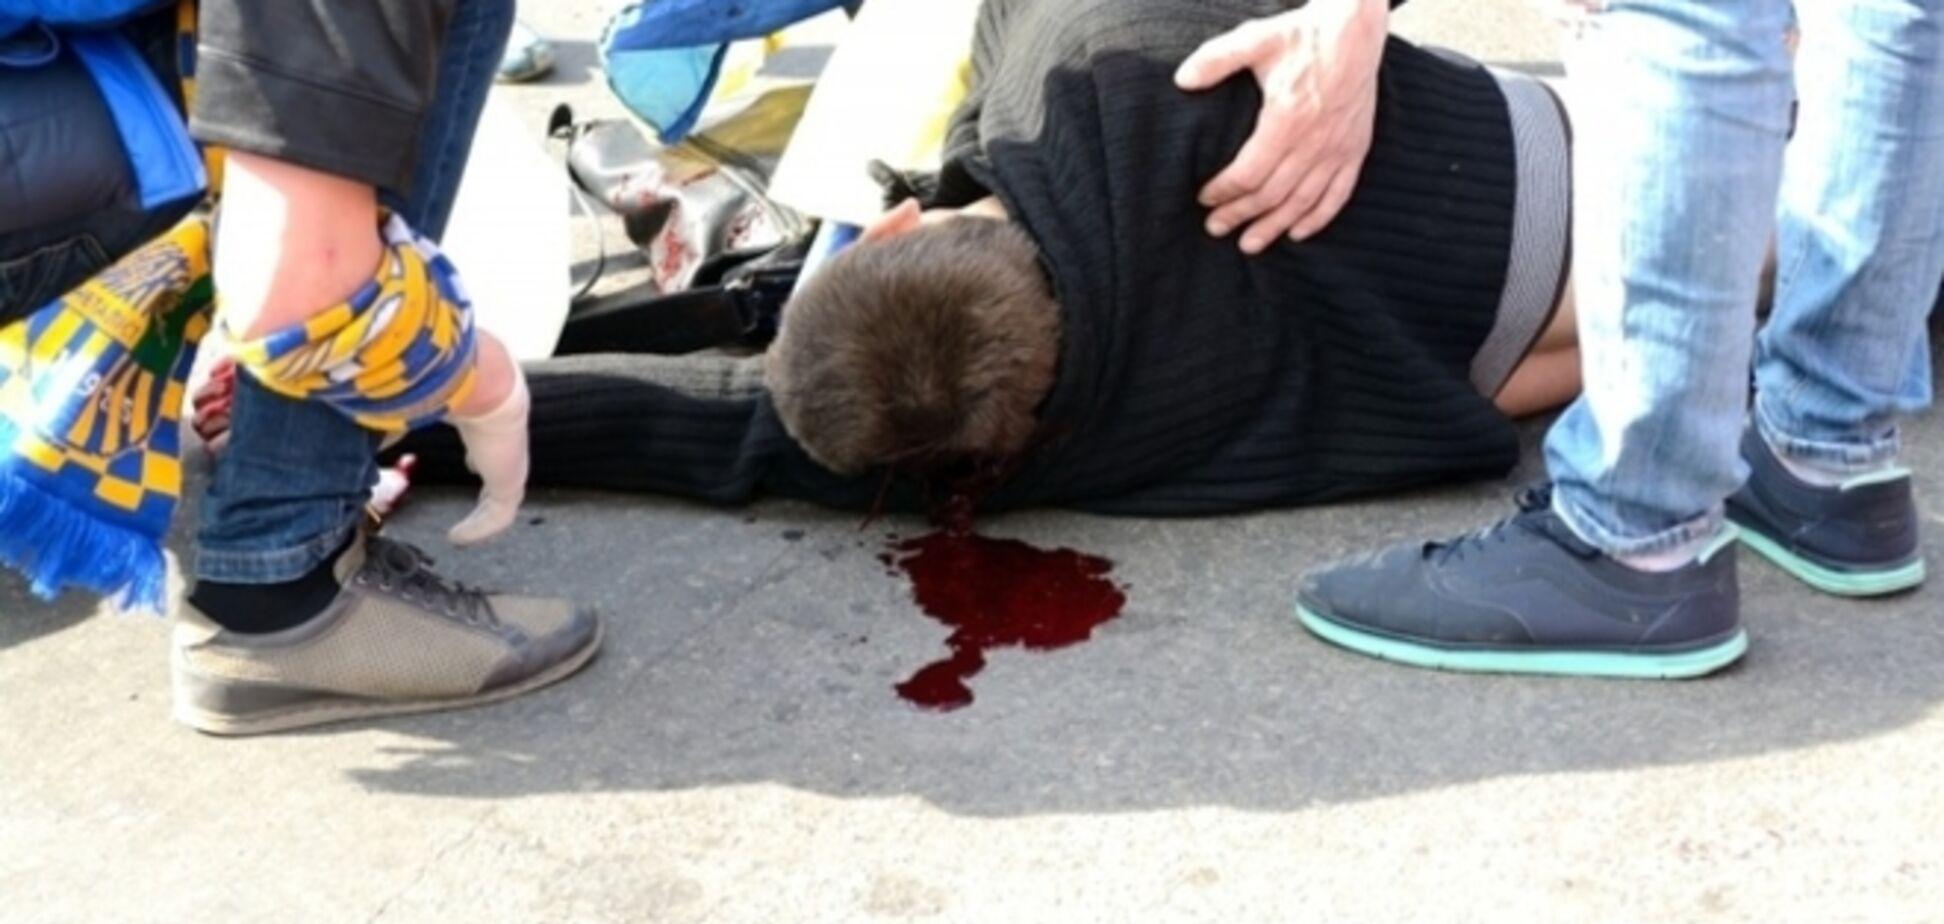 Опубликованы первые имена жертв кровавой пятницы в Одессе